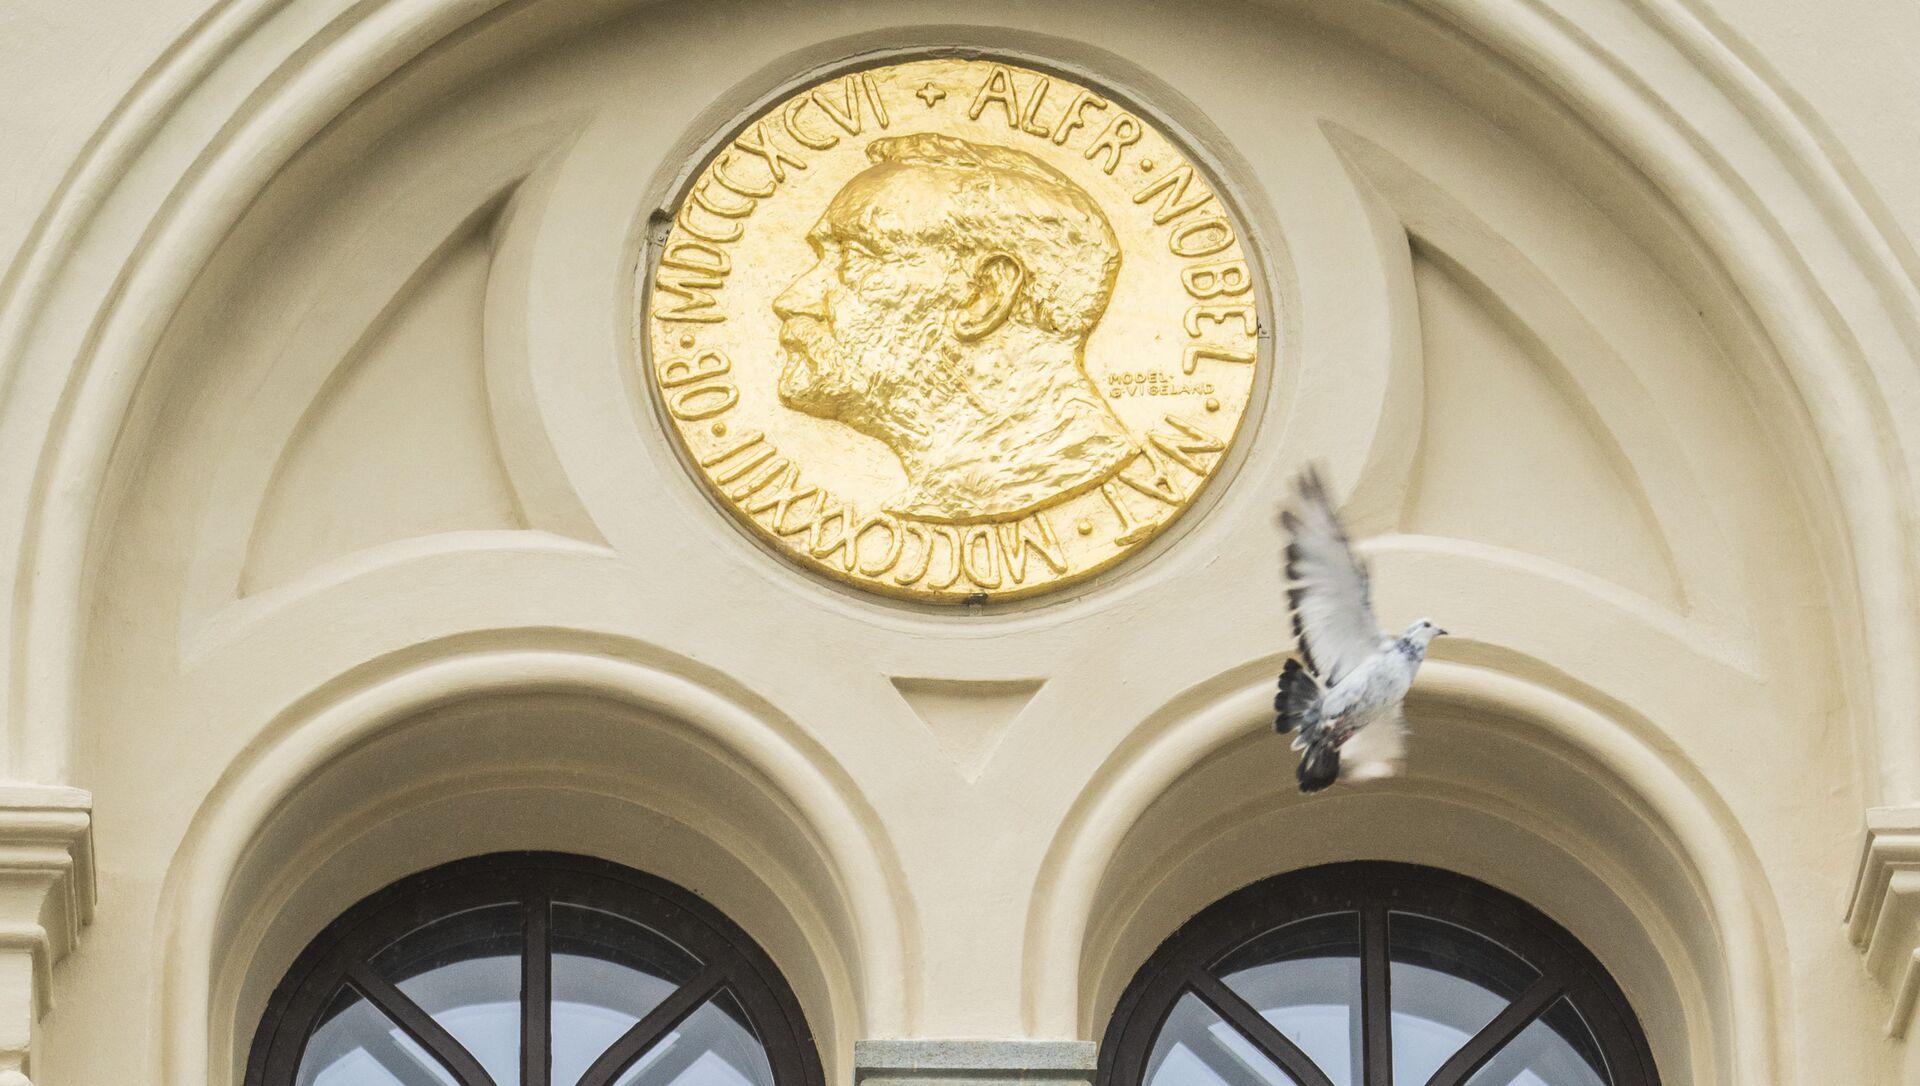 Голубь мира пролетает мимо барельефа Альфреда Нобеля после того, как он был выпущен перед Нобелевским центром мира в Осло - Sputnik Абхазия, 1920, 08.10.2021